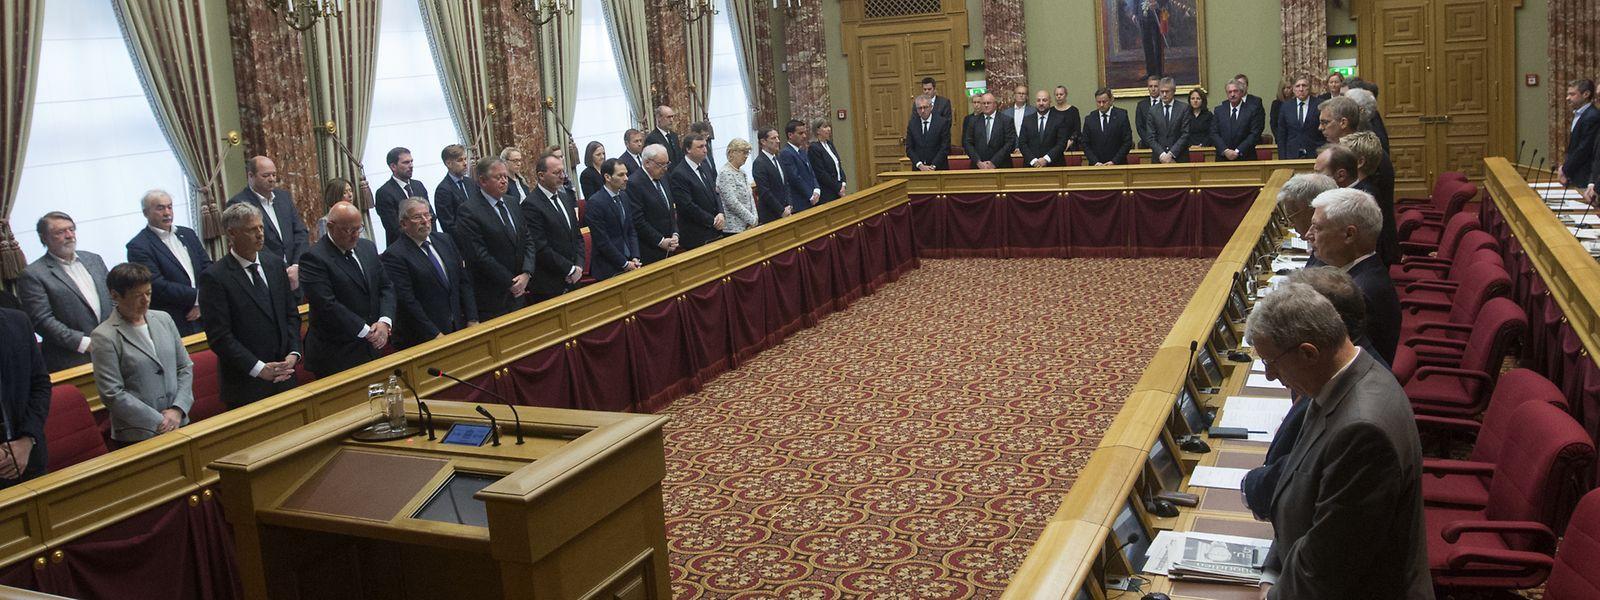 Die Abgeordneten und Minister während der Schweigeminute für Großherzog Jean.